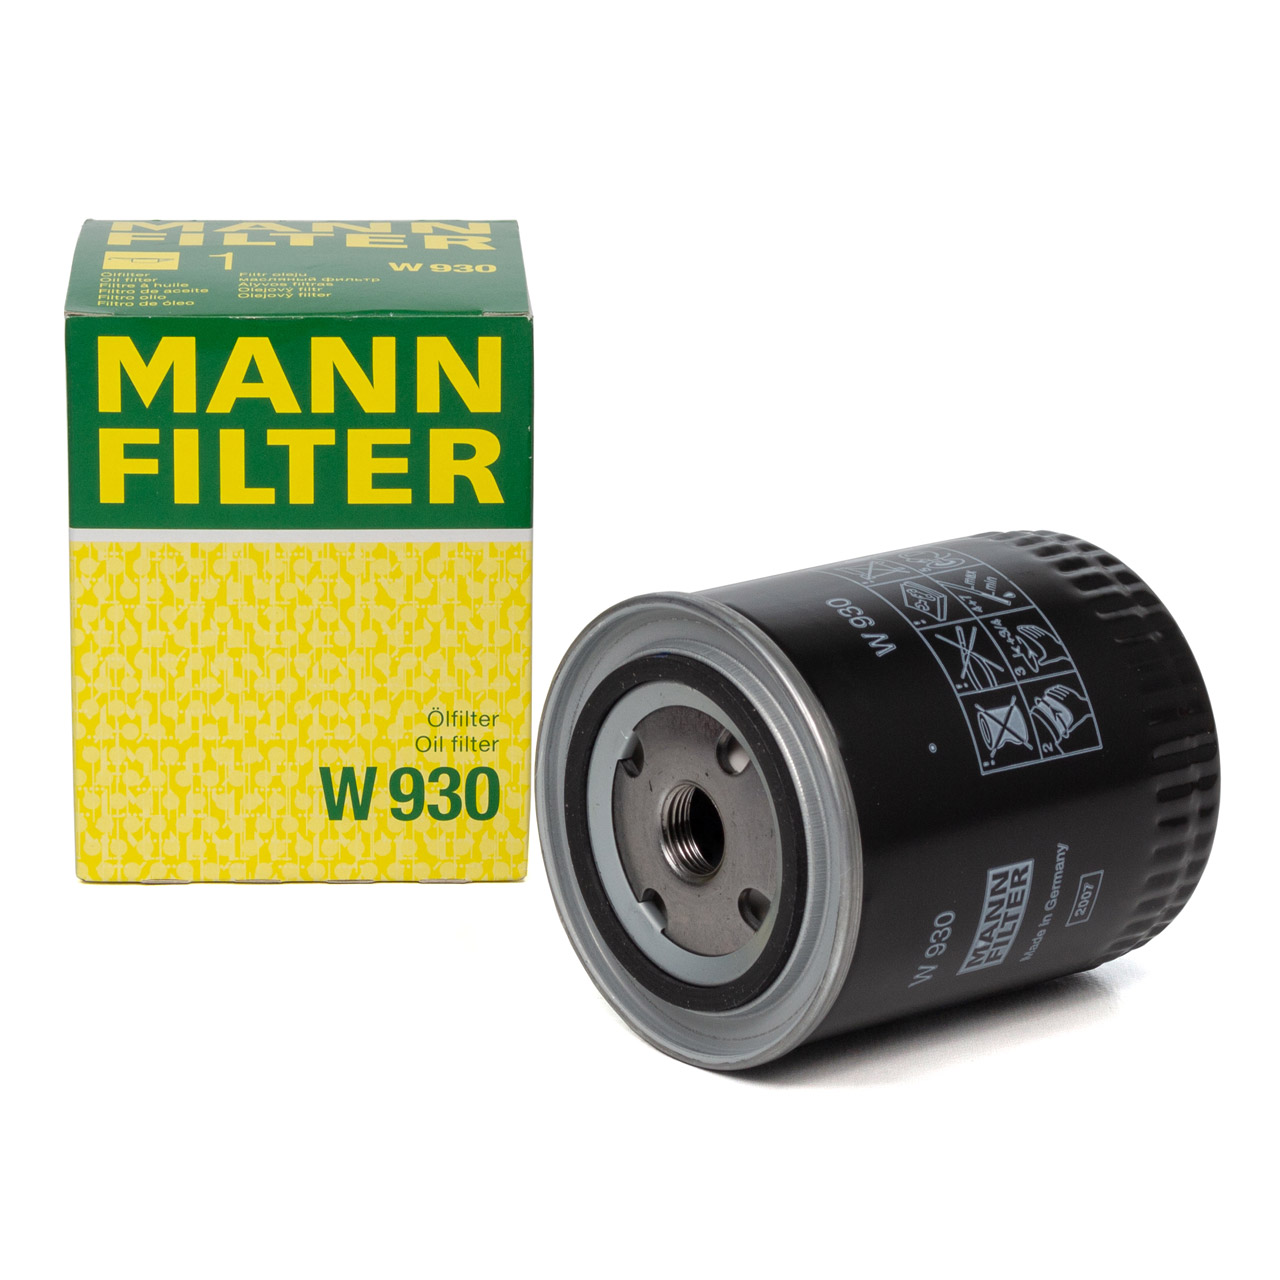 MANN W930 Ölfilter Motorölfilter für FENDT FARMER / FAVORIT / GT - CASE IHC